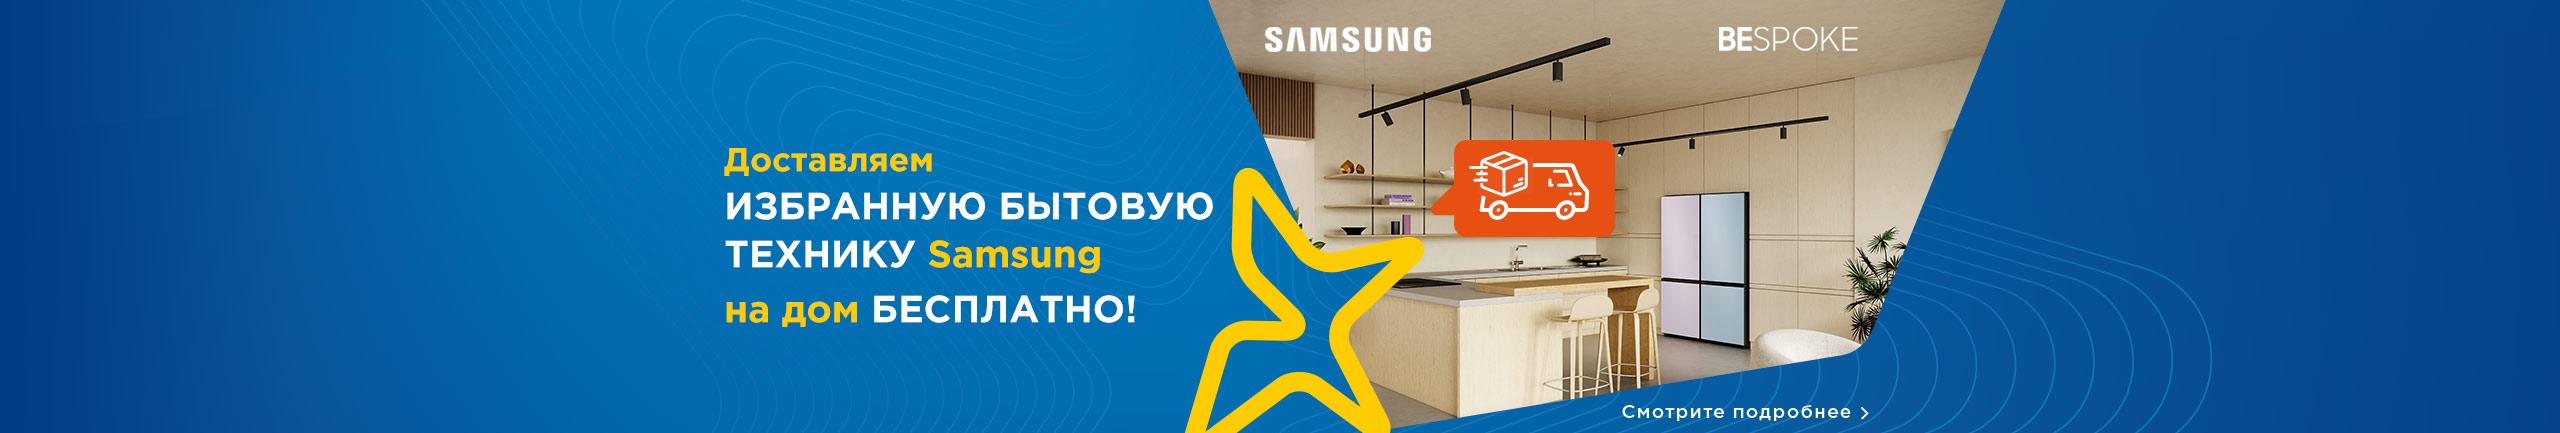 Доставляем избранную бытовую технику Samsung на дом бесплатно!